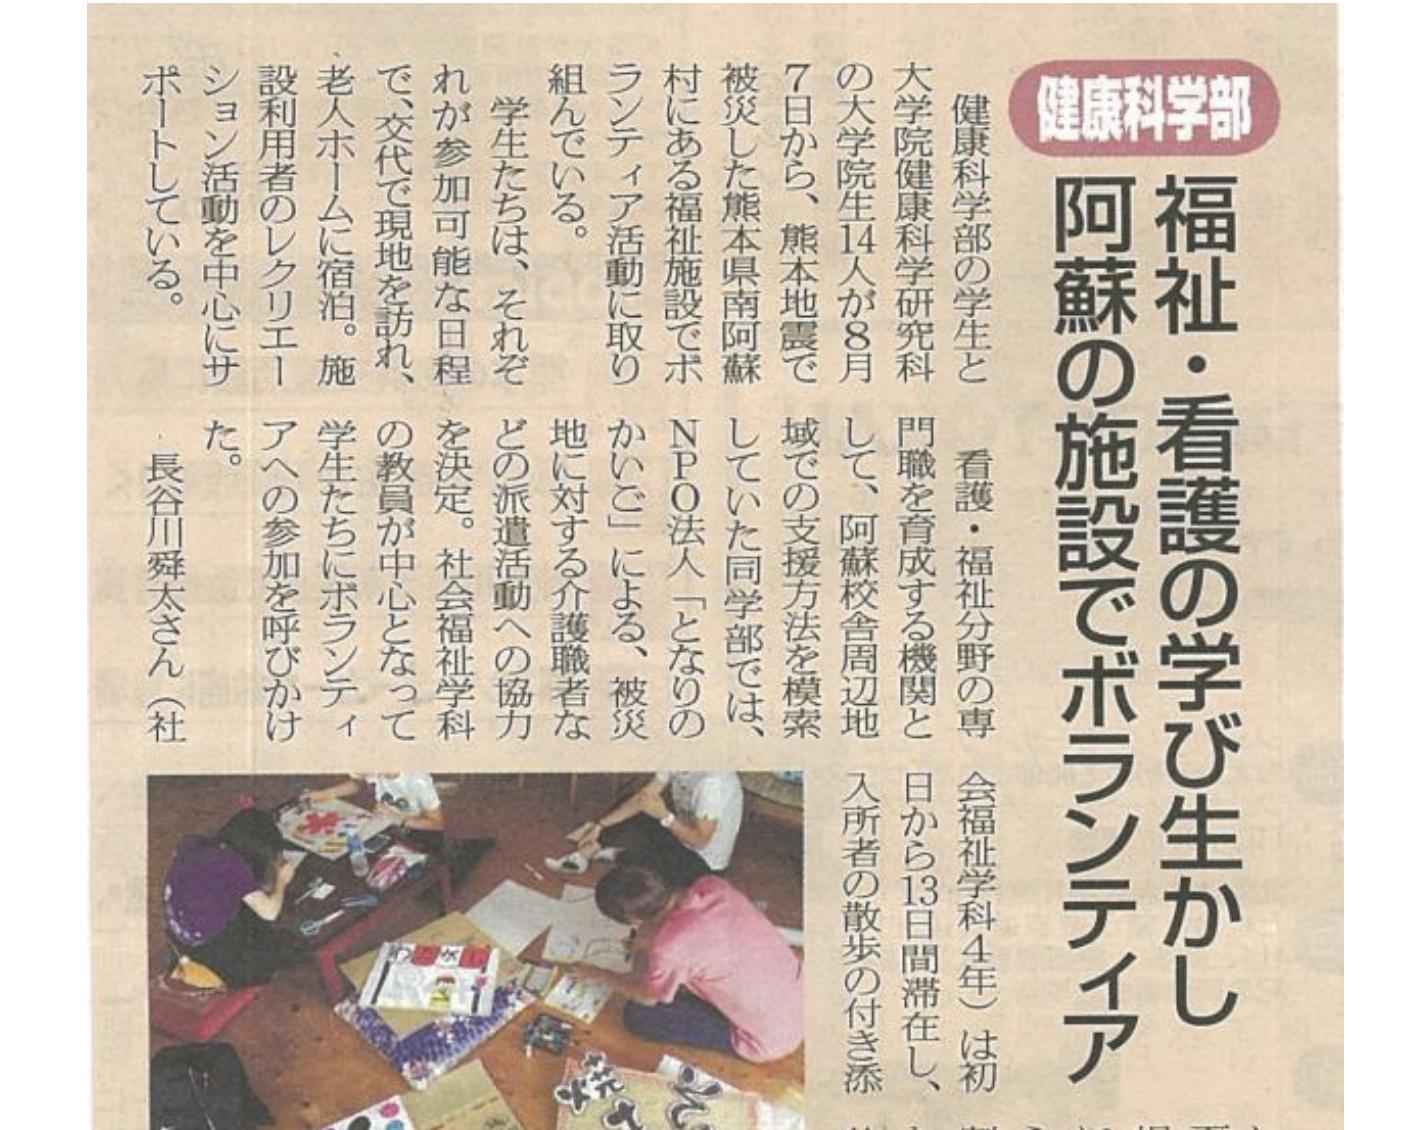 東海大学新聞『福祉・看護の学び生かし阿蘇の施設でボランティア』